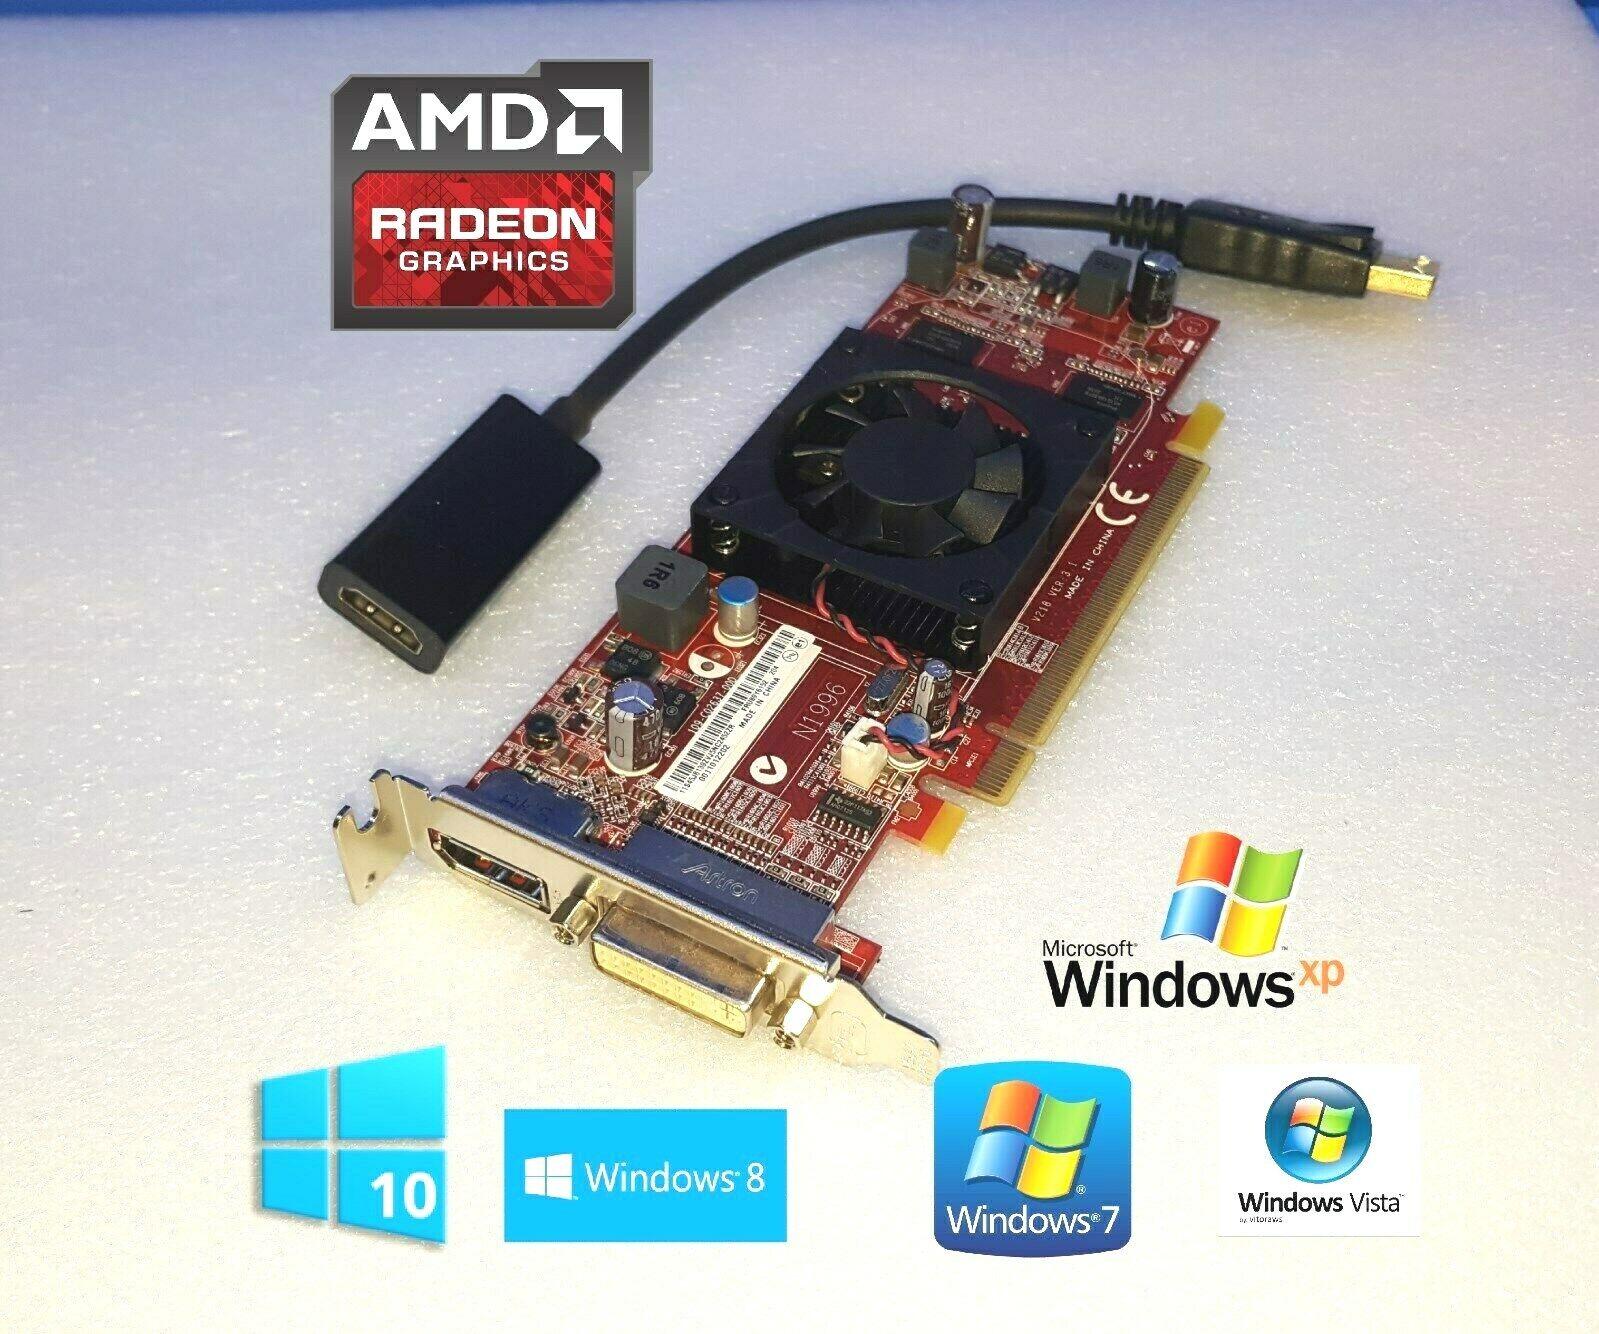 Dell Optiplex 7010 7020 7040 7050 9010 9020 Low-Profile HDMI DVI DP Video Card